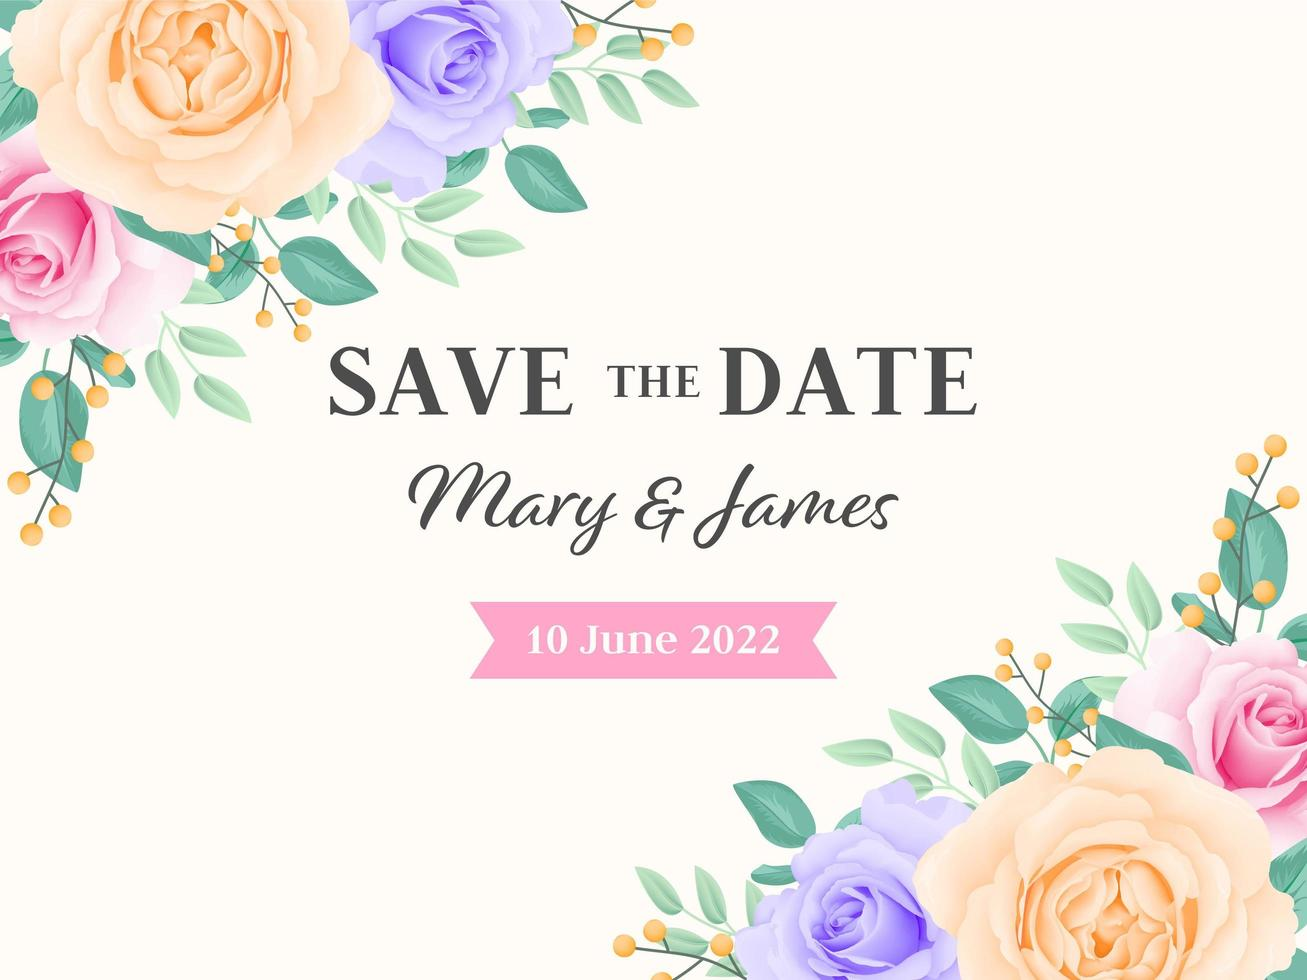 salvar a data cartão de flores rosa vetor